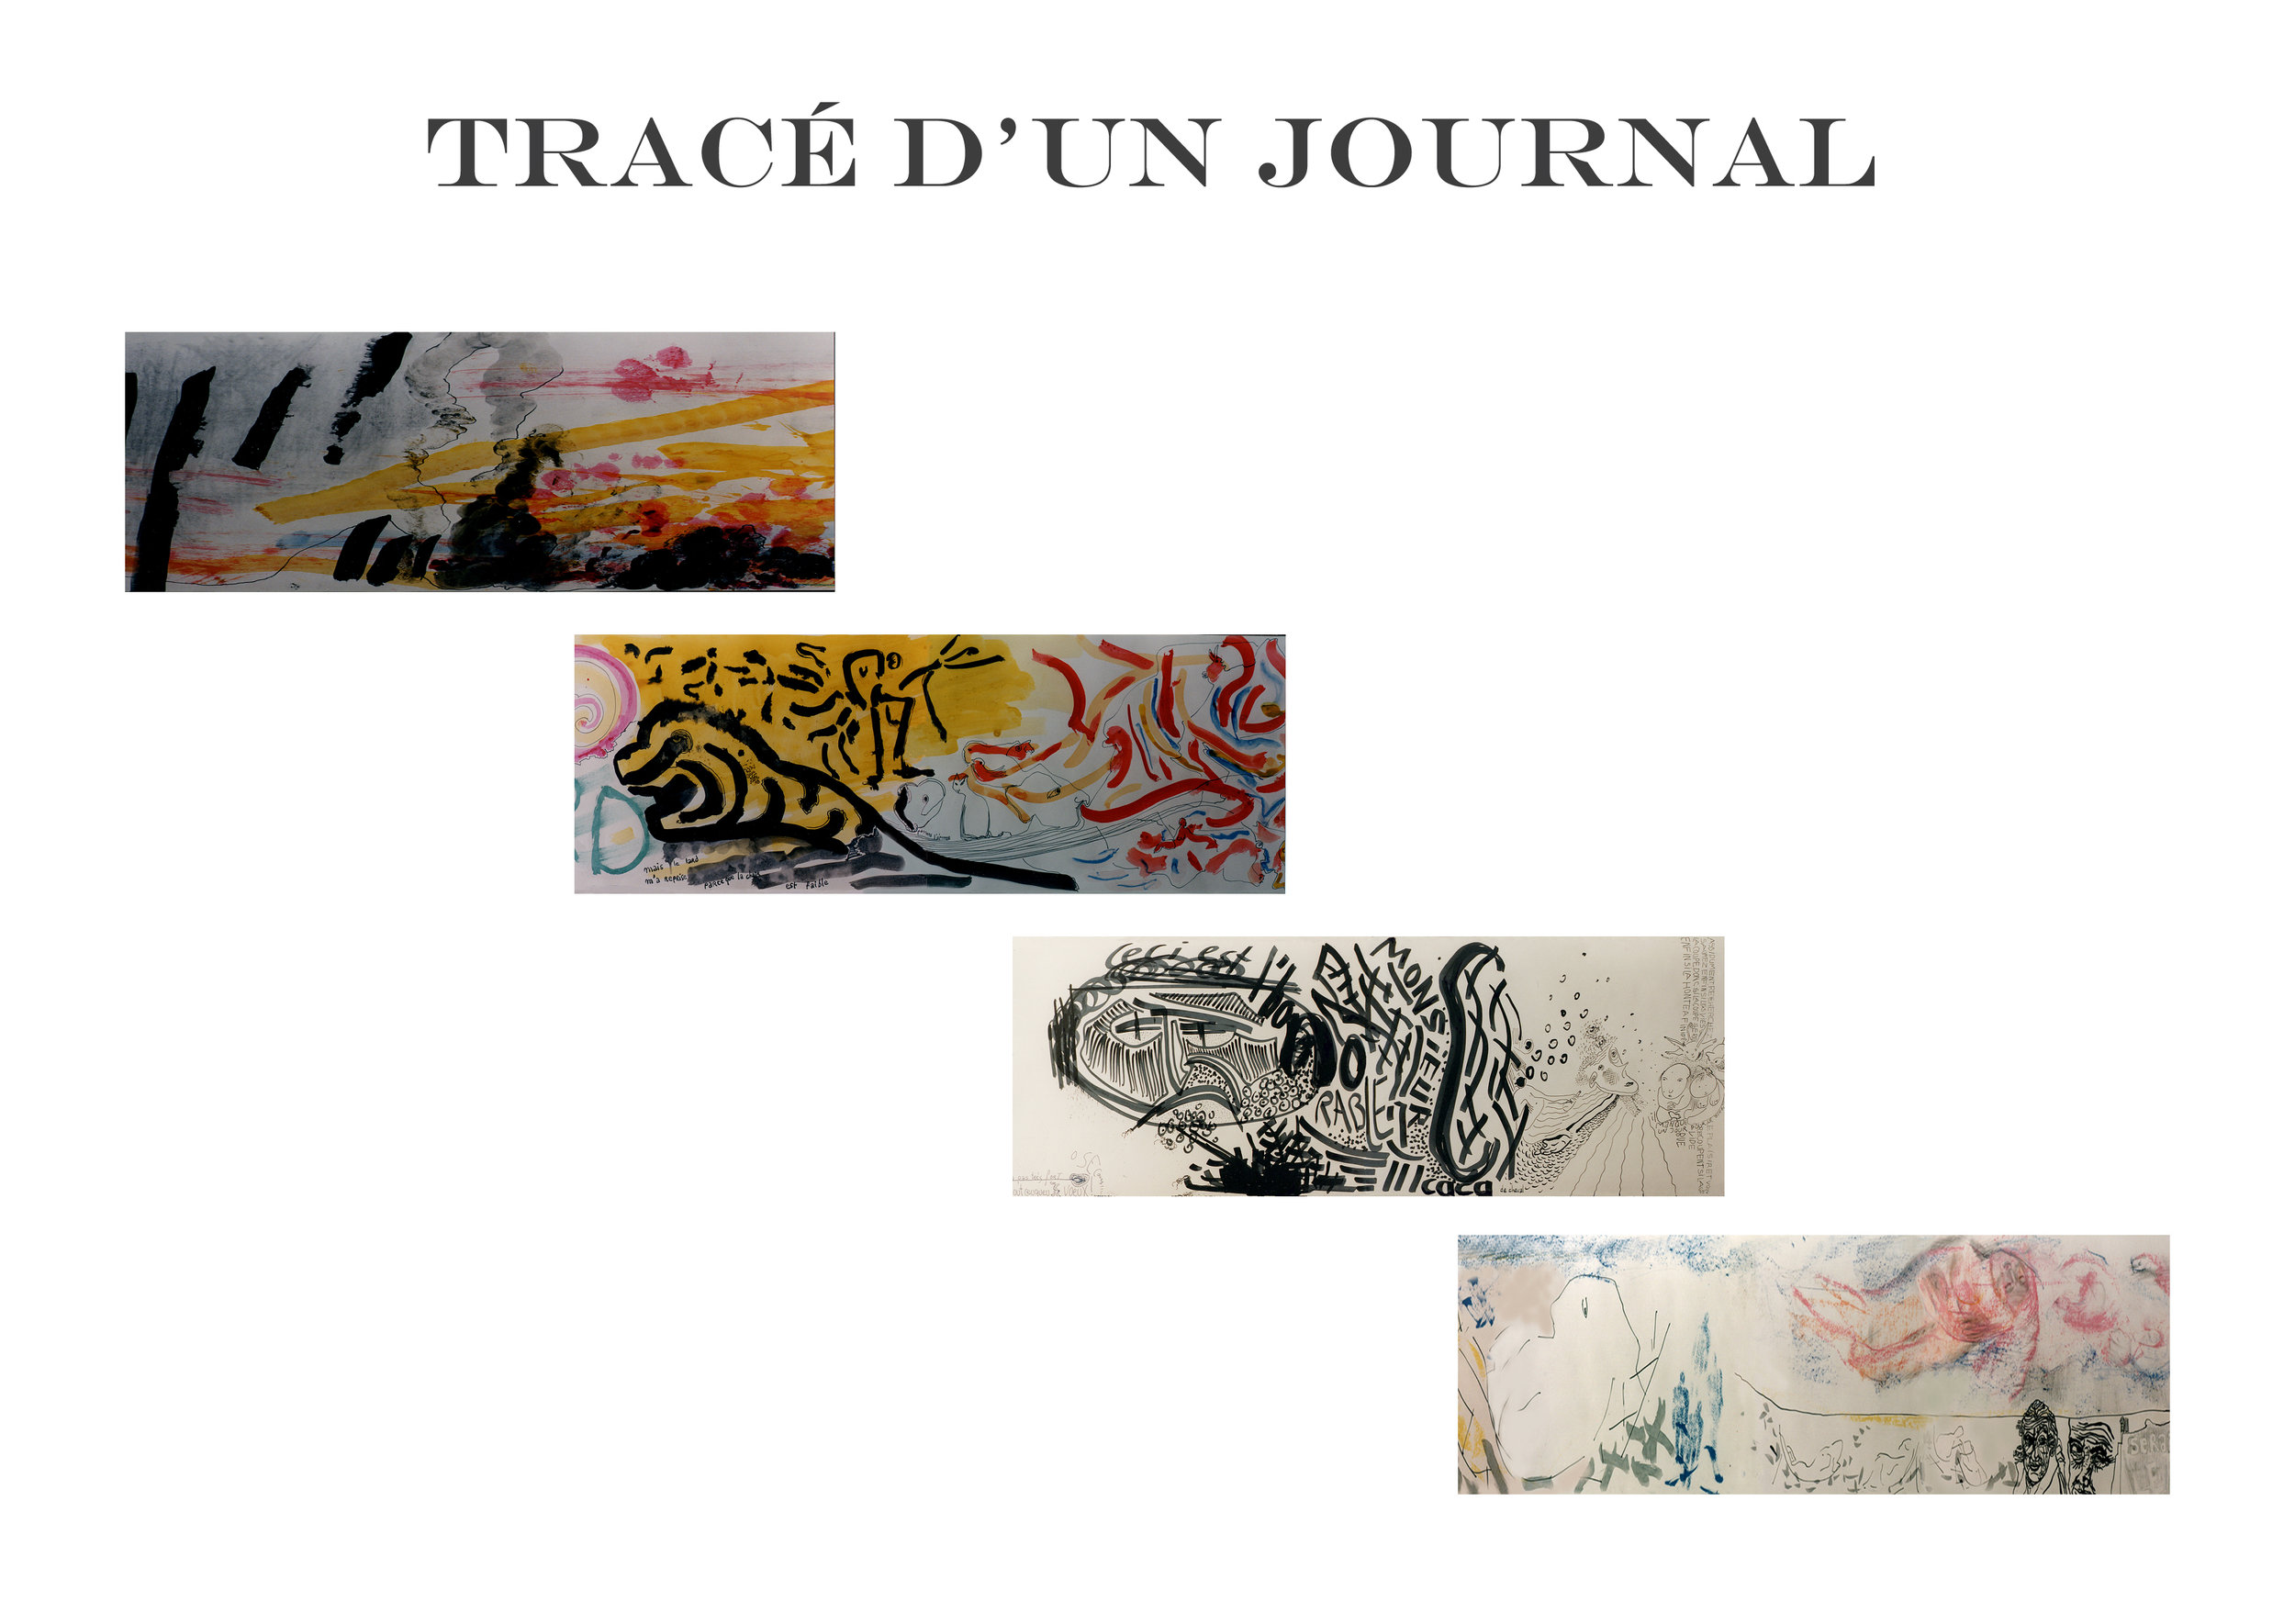 Tracé d'un Journal 1.jpg